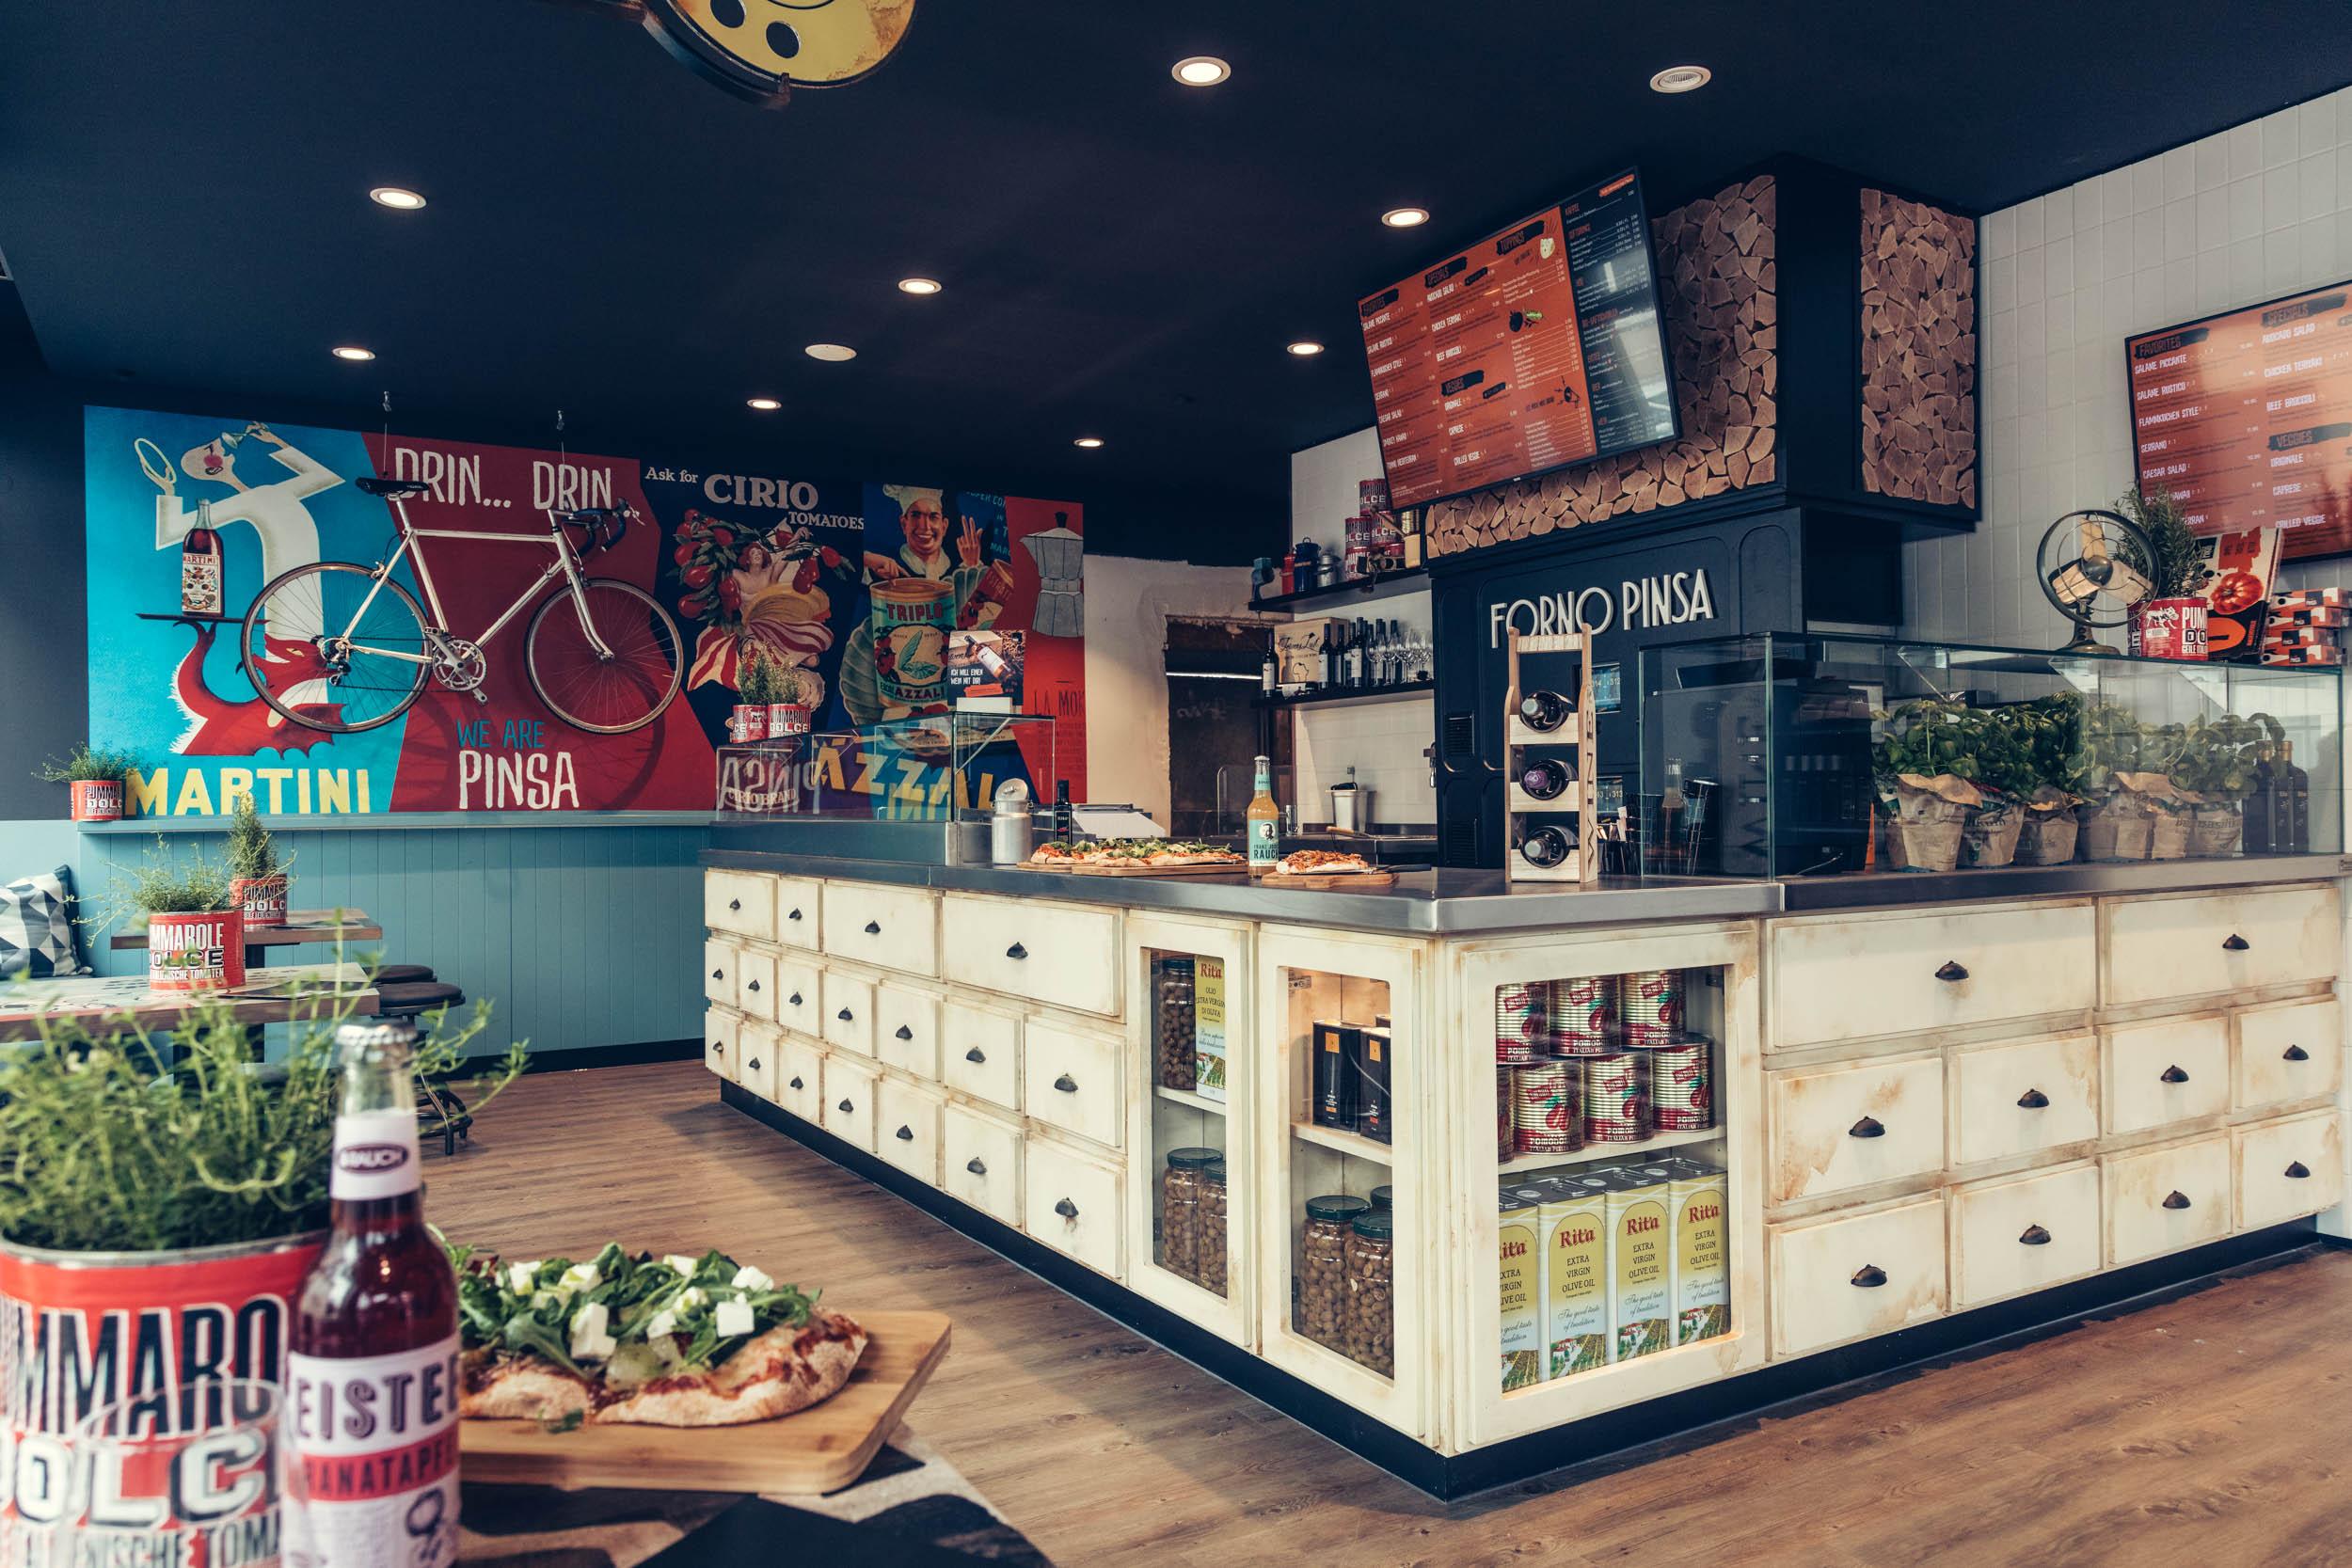 Bild vom Store